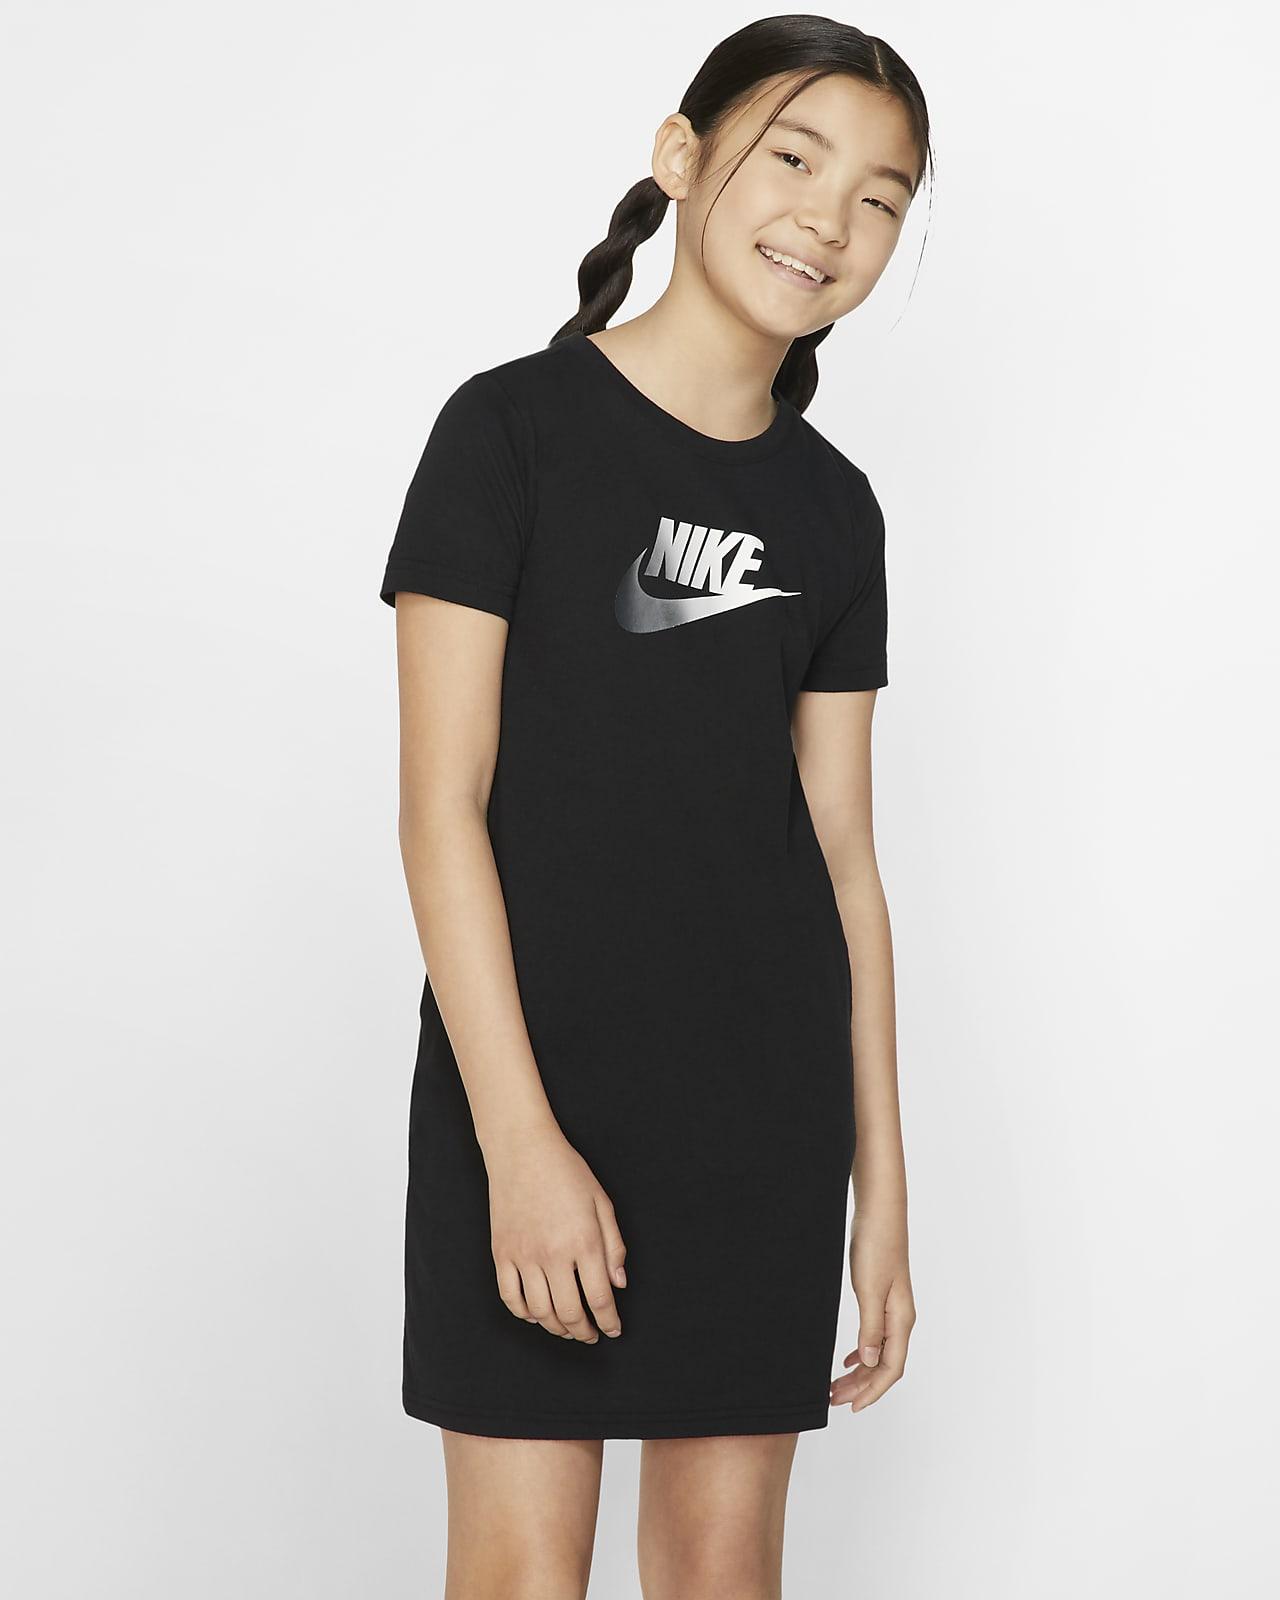 ナイキ スポーツウェア ジュニア (ガールズ) ドレス